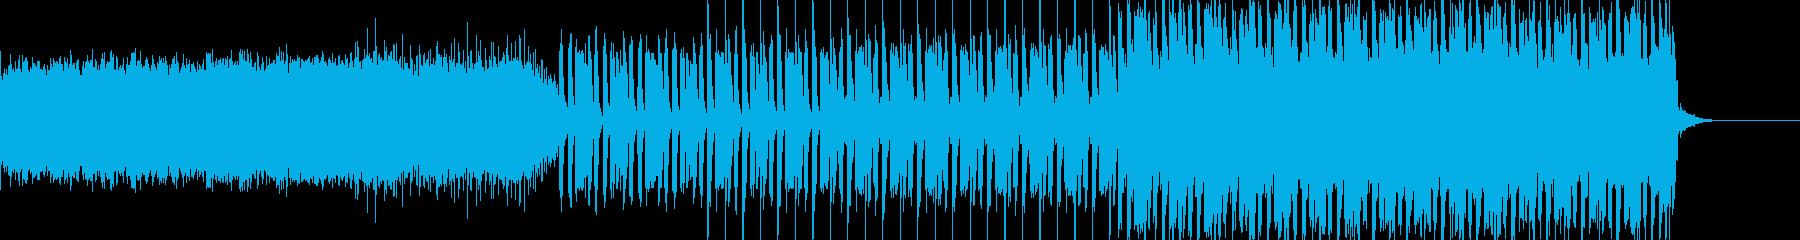 尖ったリードが刺さるフューチャーハウスの再生済みの波形